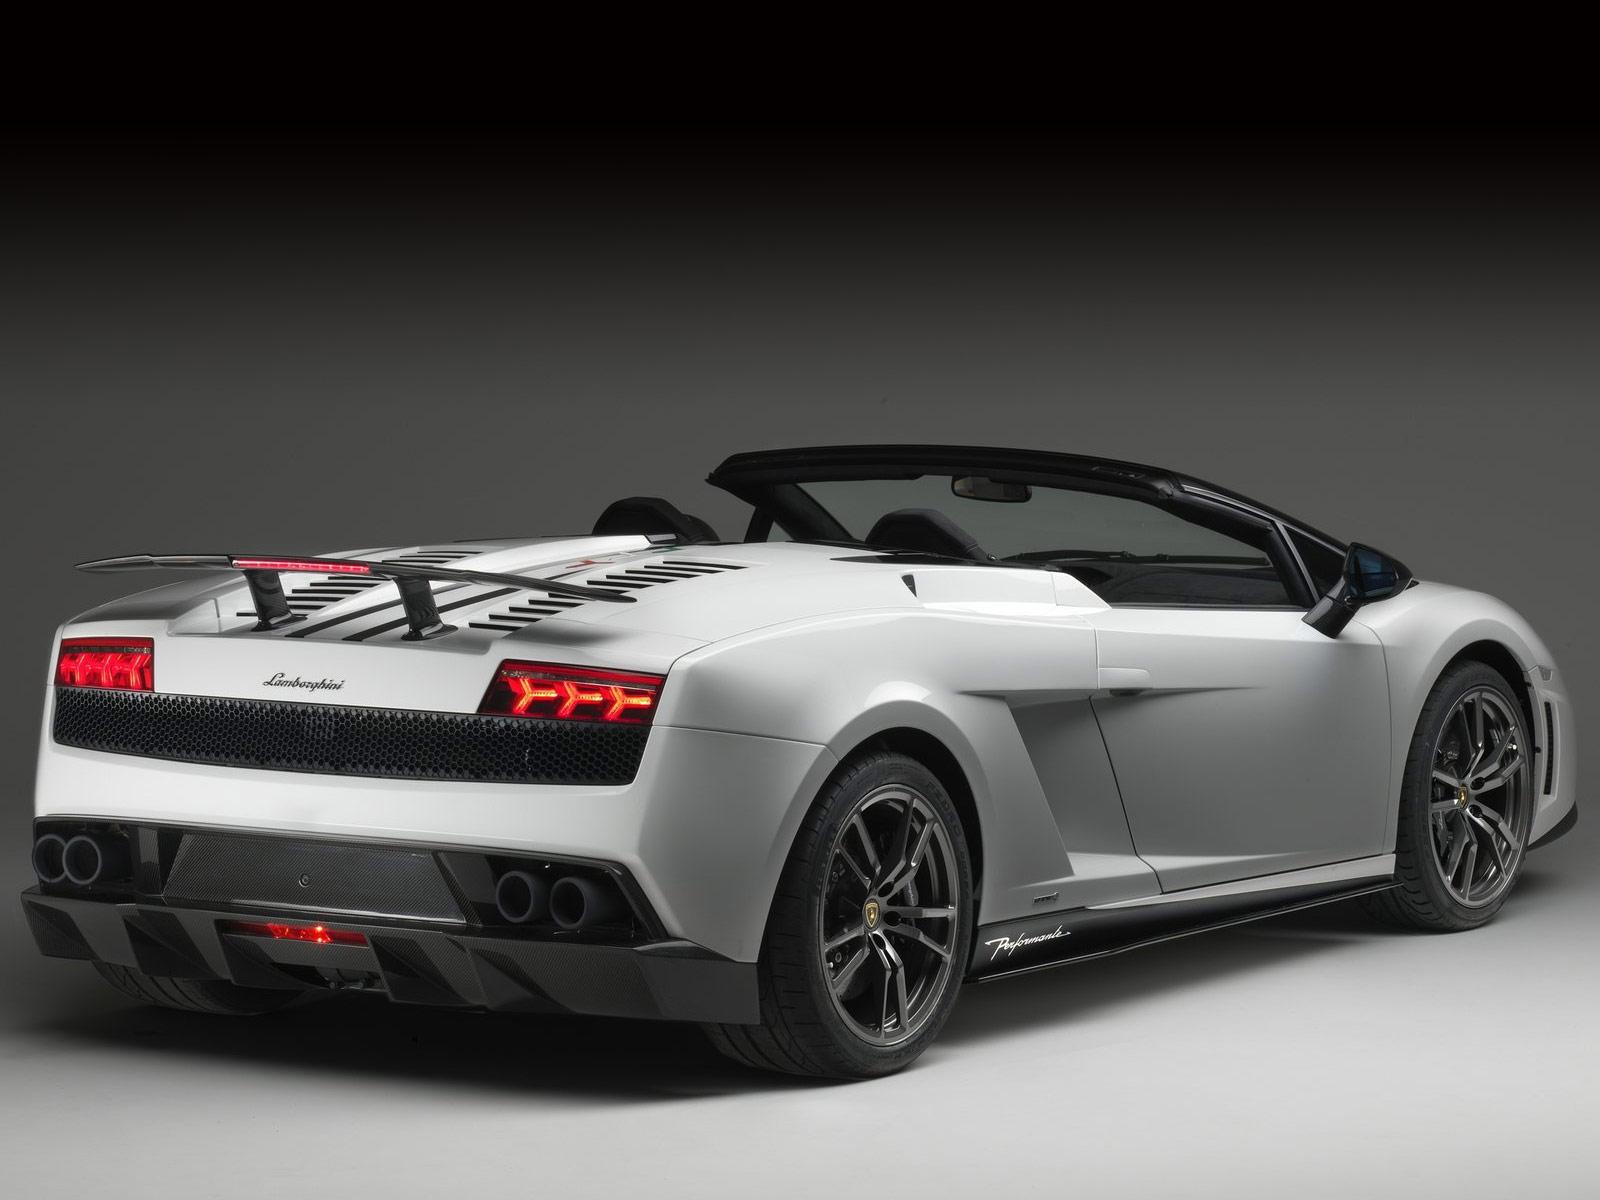 2011 Lamborghini Gallardo Lp5704 Spyder Performante